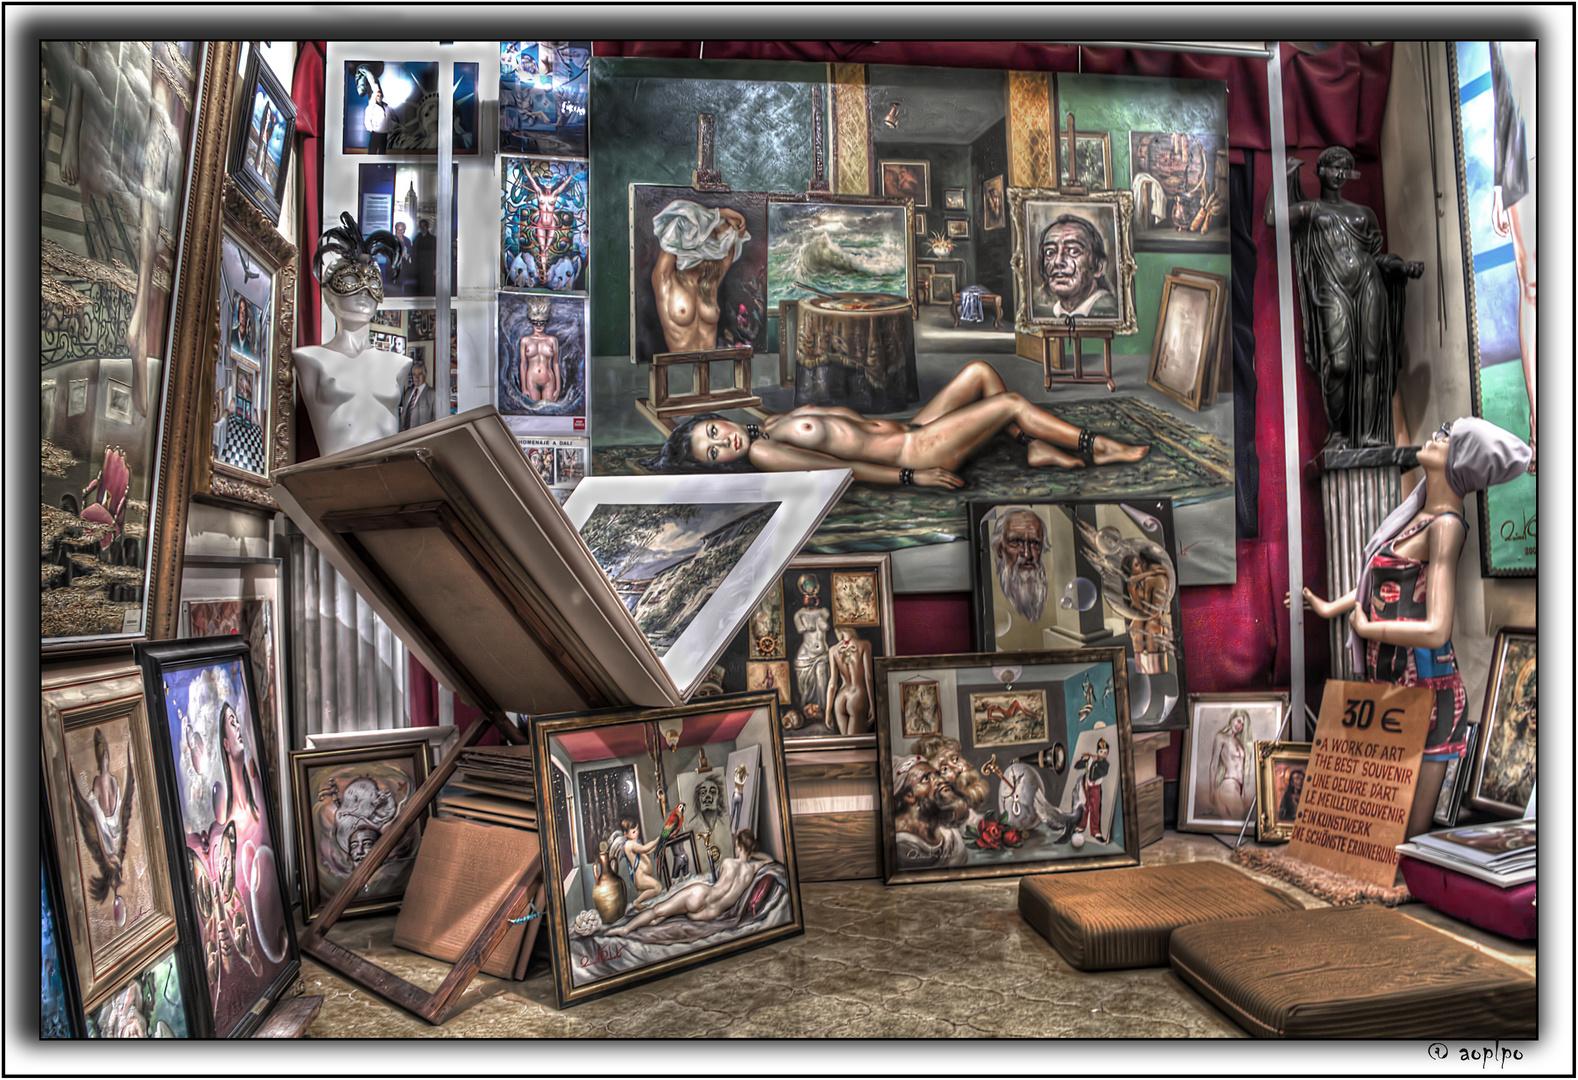 (1) Vista interior estudio Quimet Sabaté